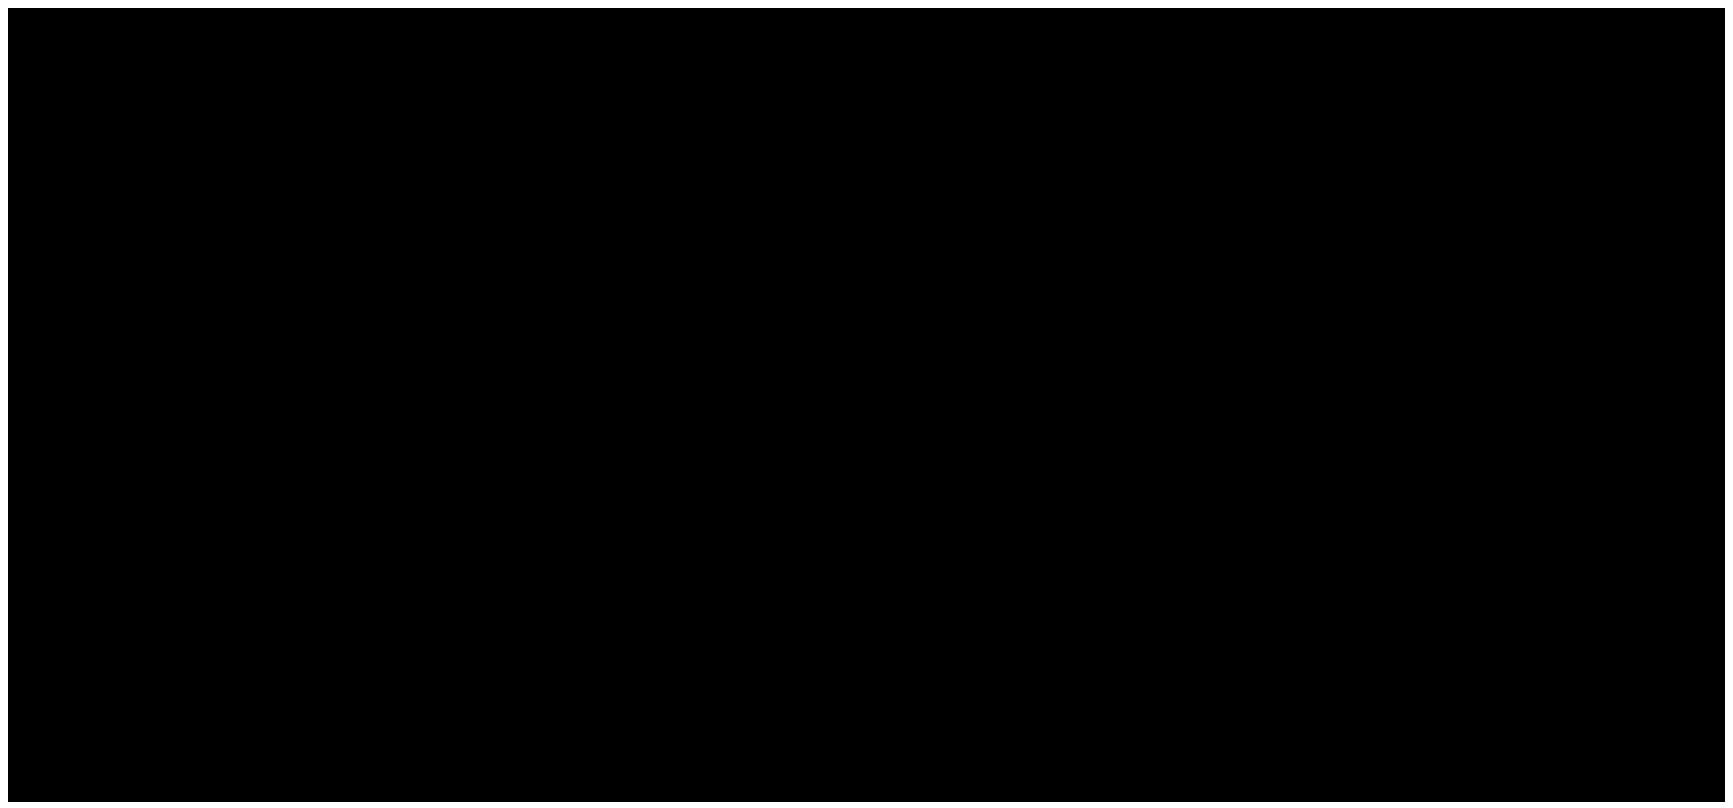 TSP-Logo-B-W_Stacked-Left-aligned.png